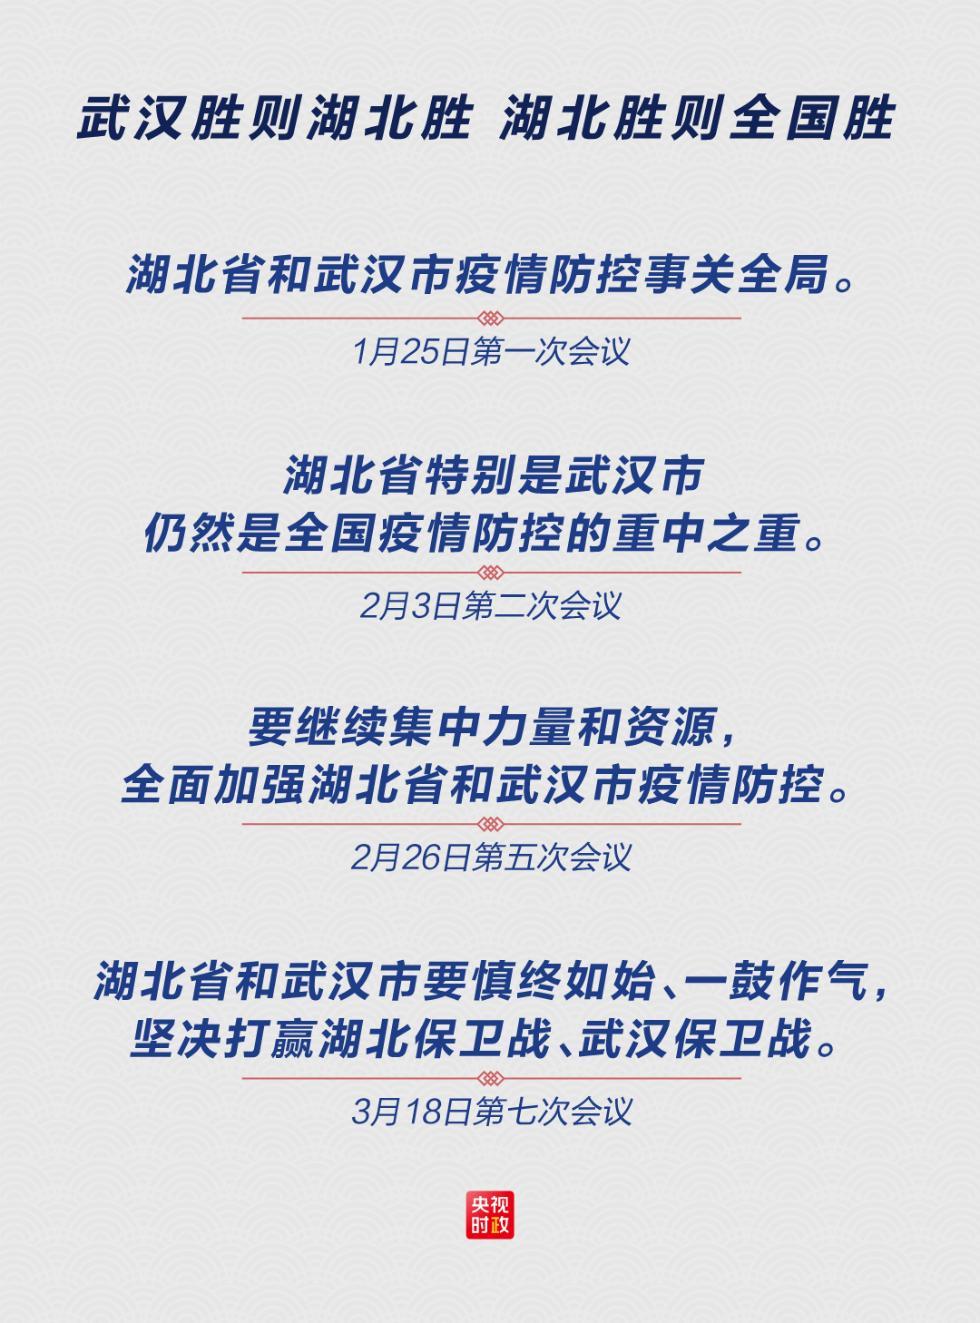 时政特稿丨54天7次中央政治局常委会集会,读懂中国疫情防控阻击战